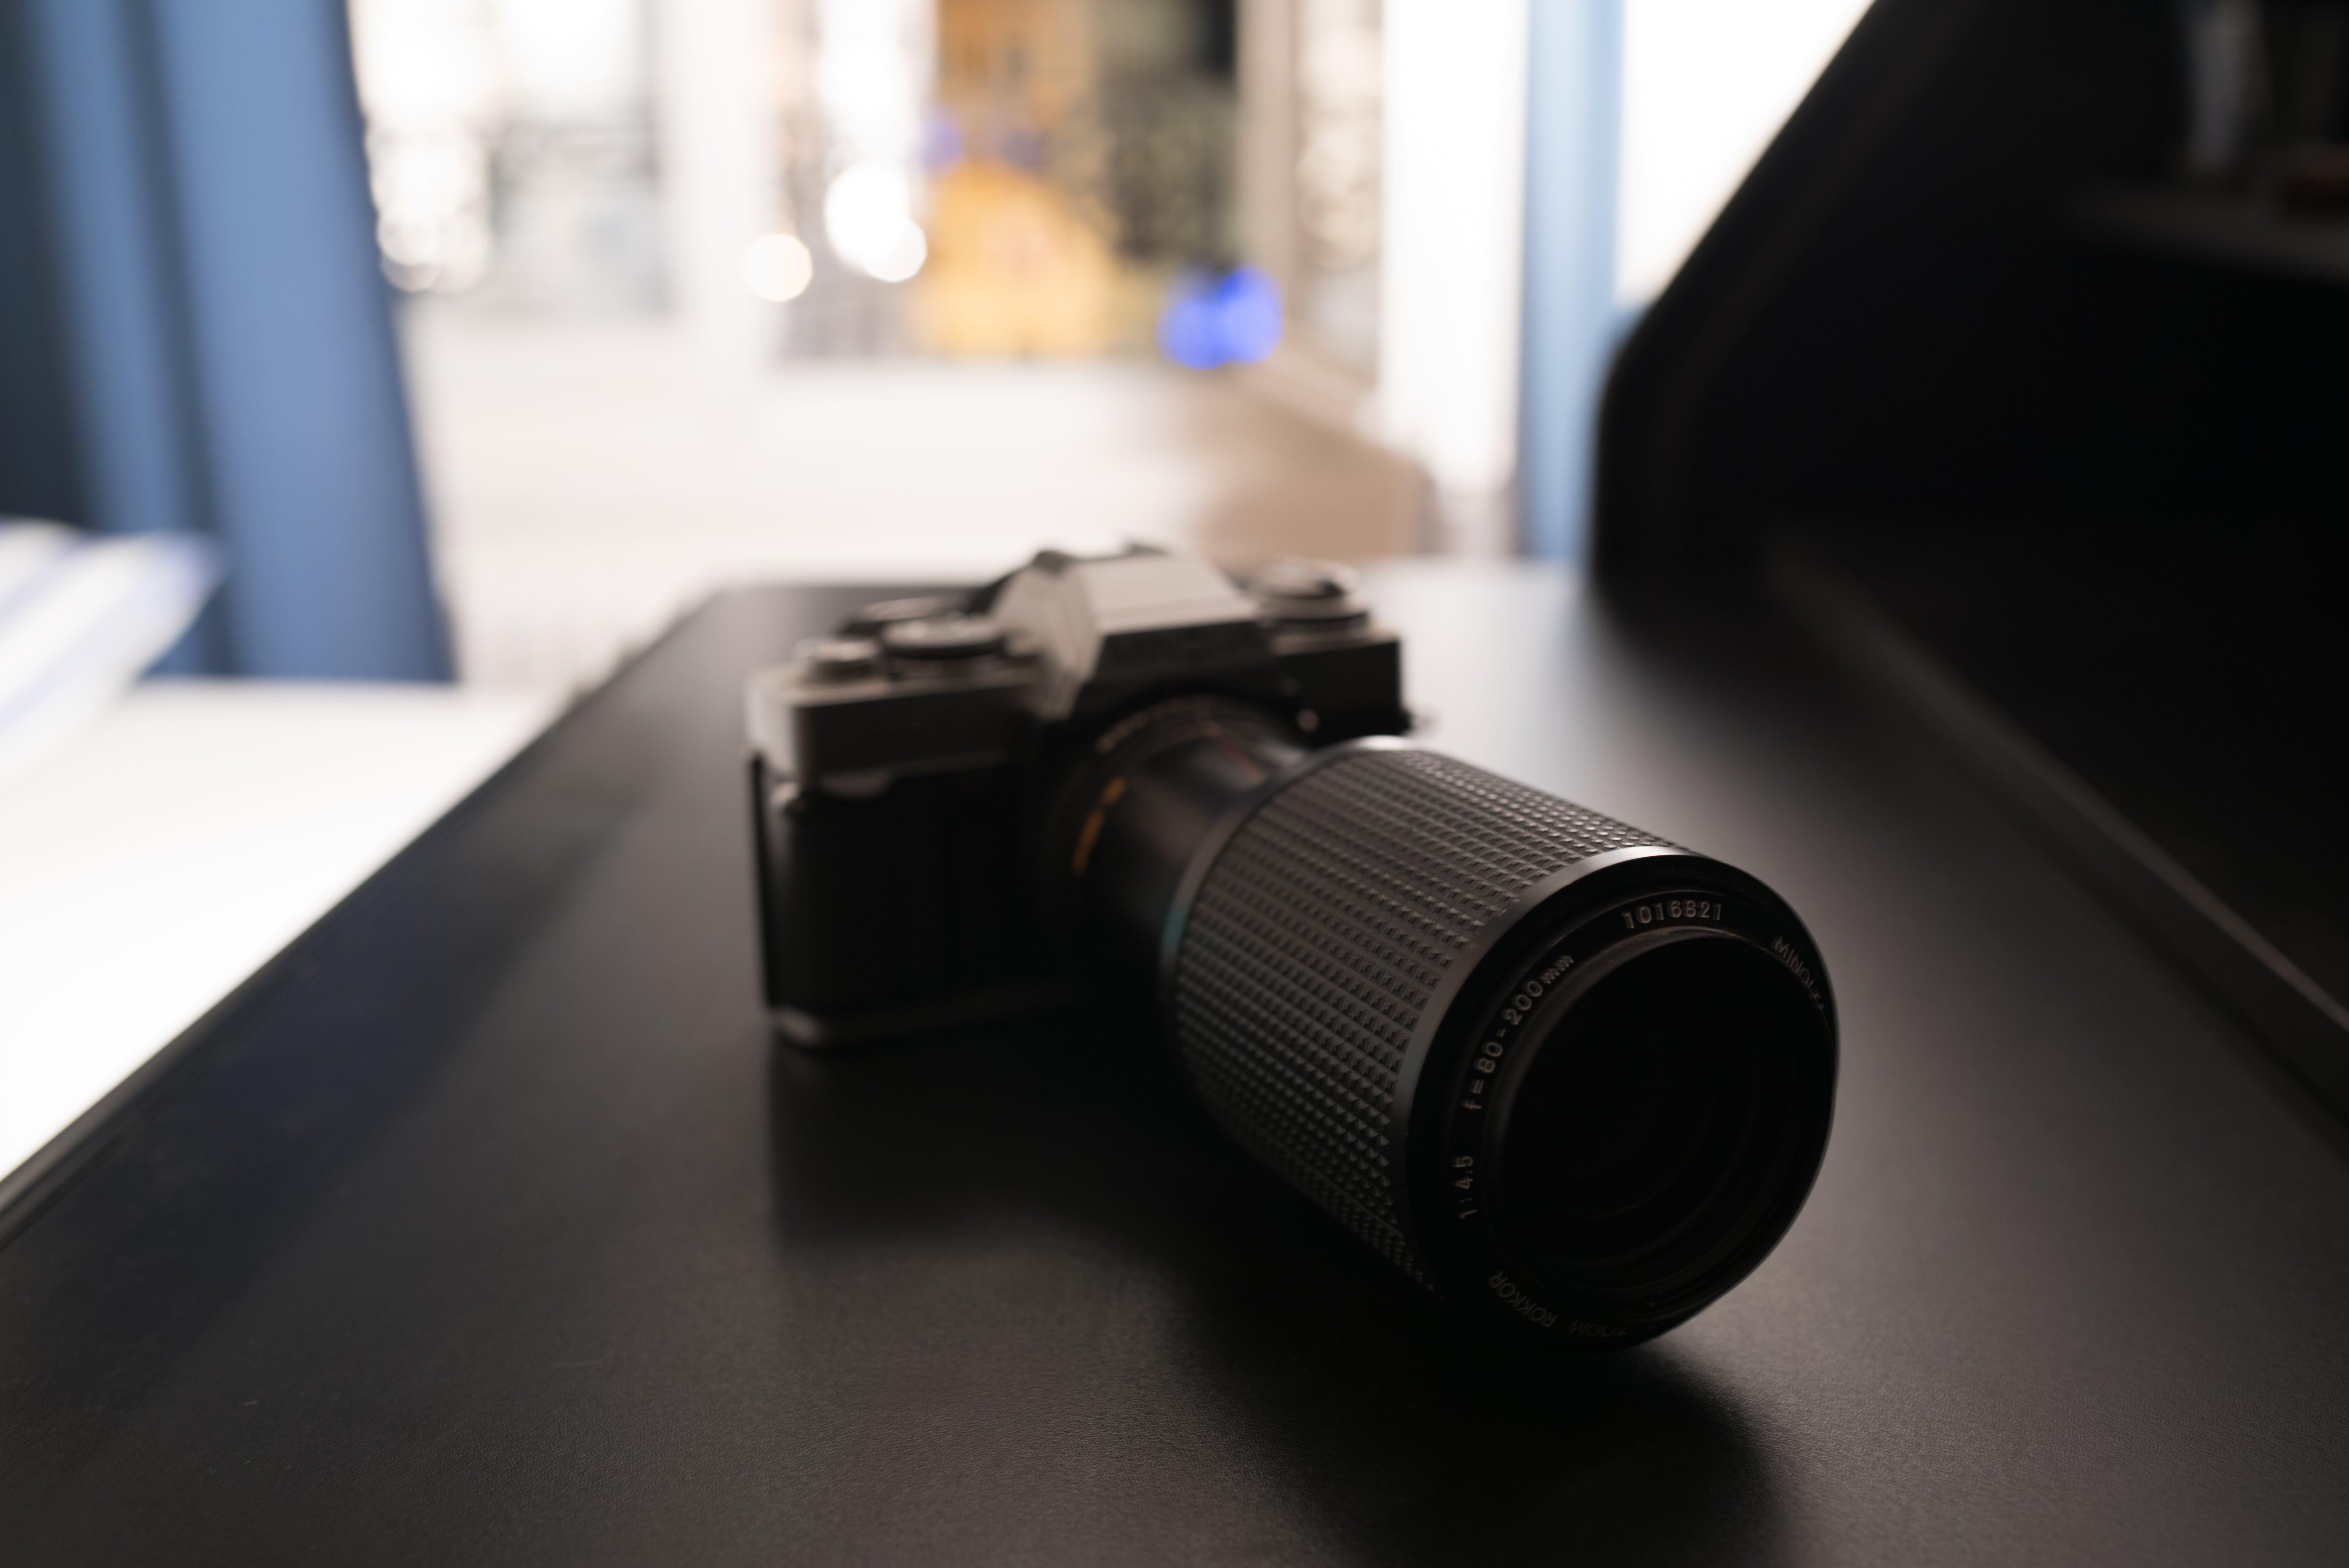 Gratis arkivbilde med foto, fotograf, fotografi, kamera